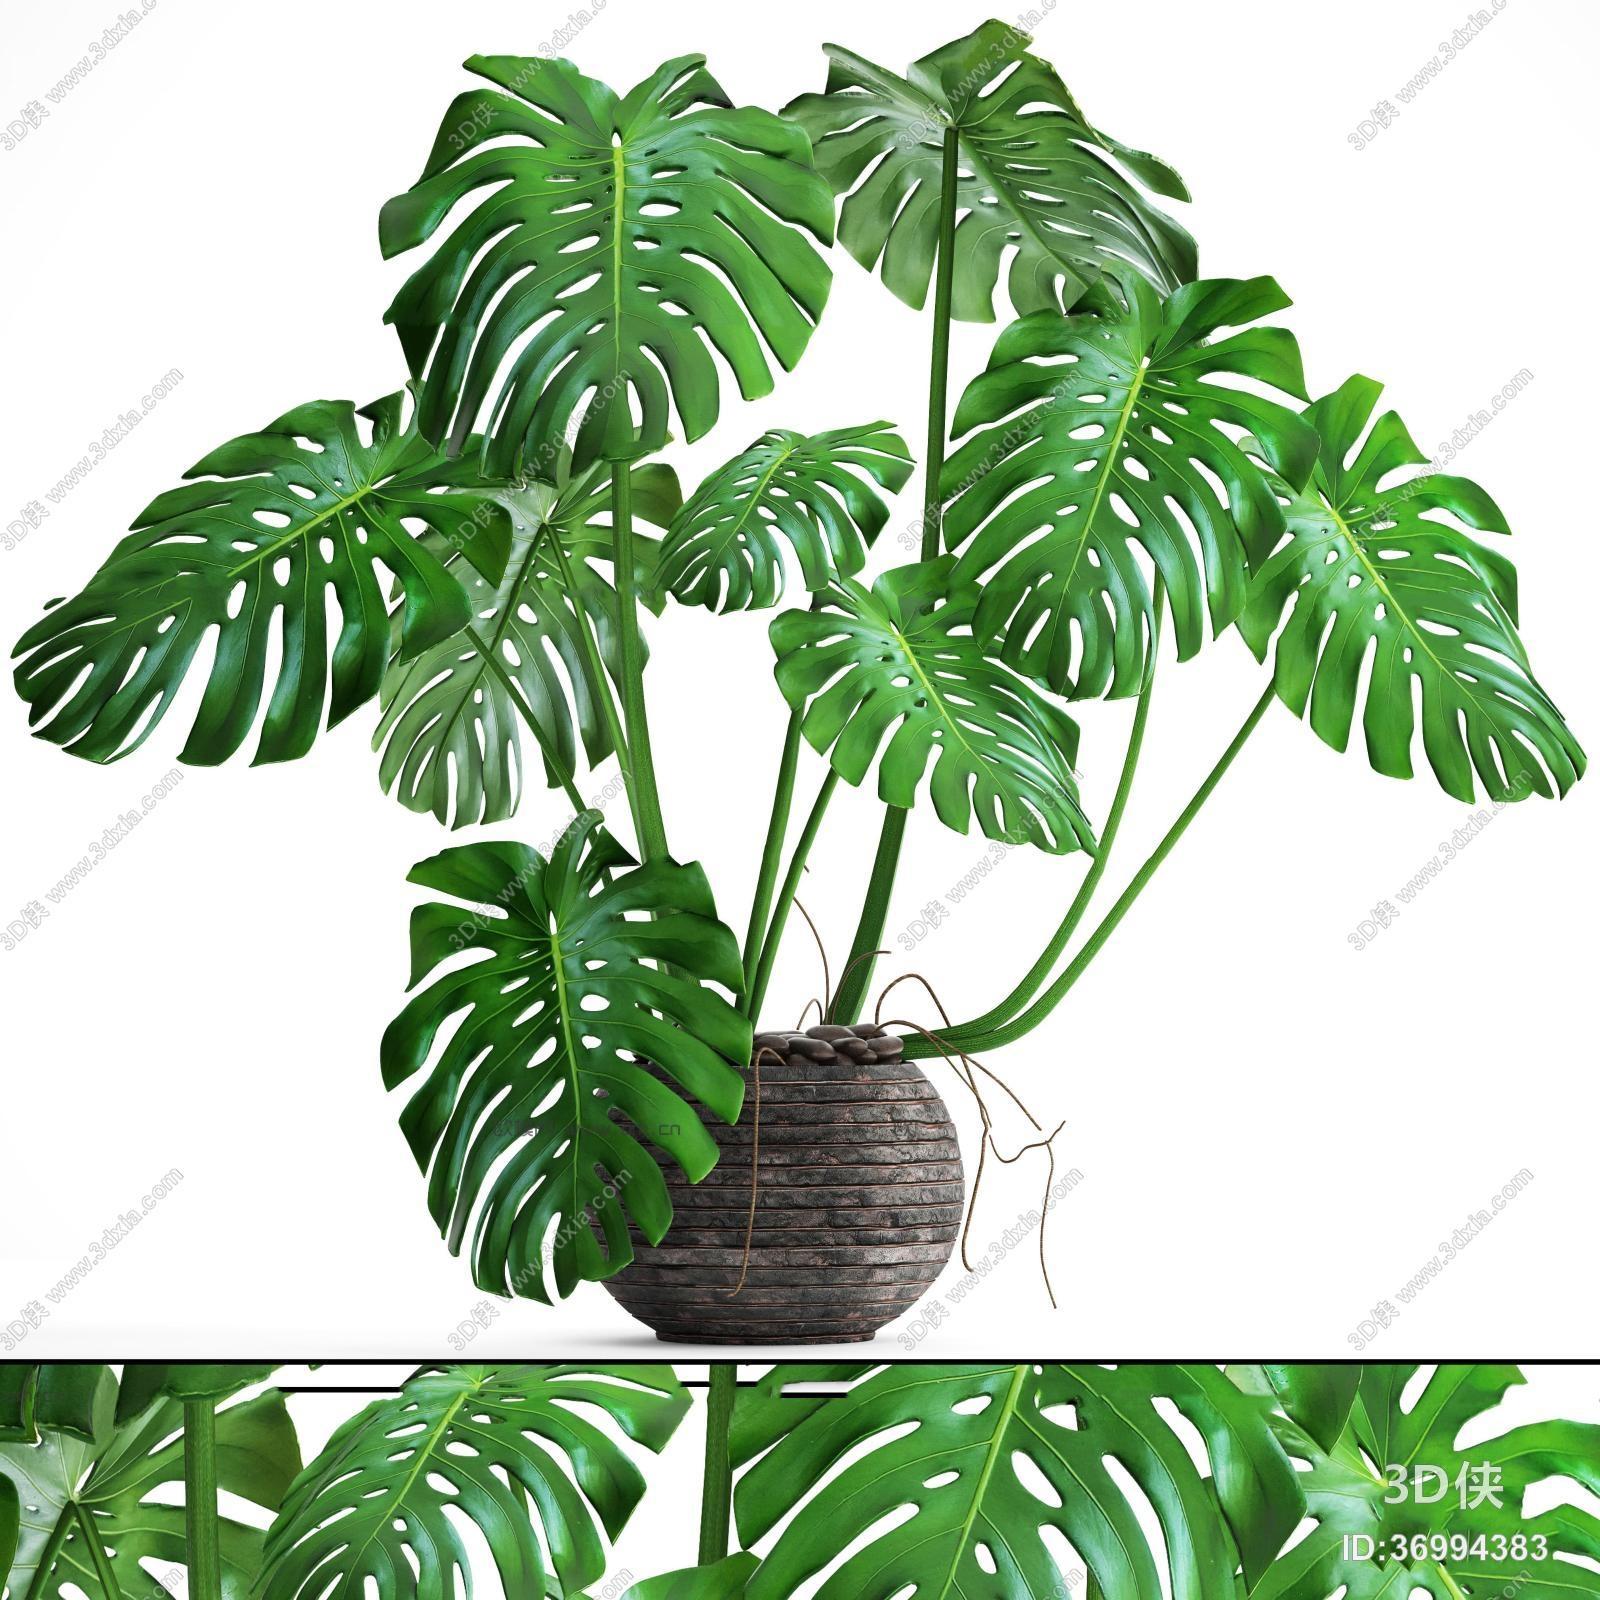 盆栽效果图素材免费下载,本作品主题是现代龟背竹盆栽3d模型,编号是36